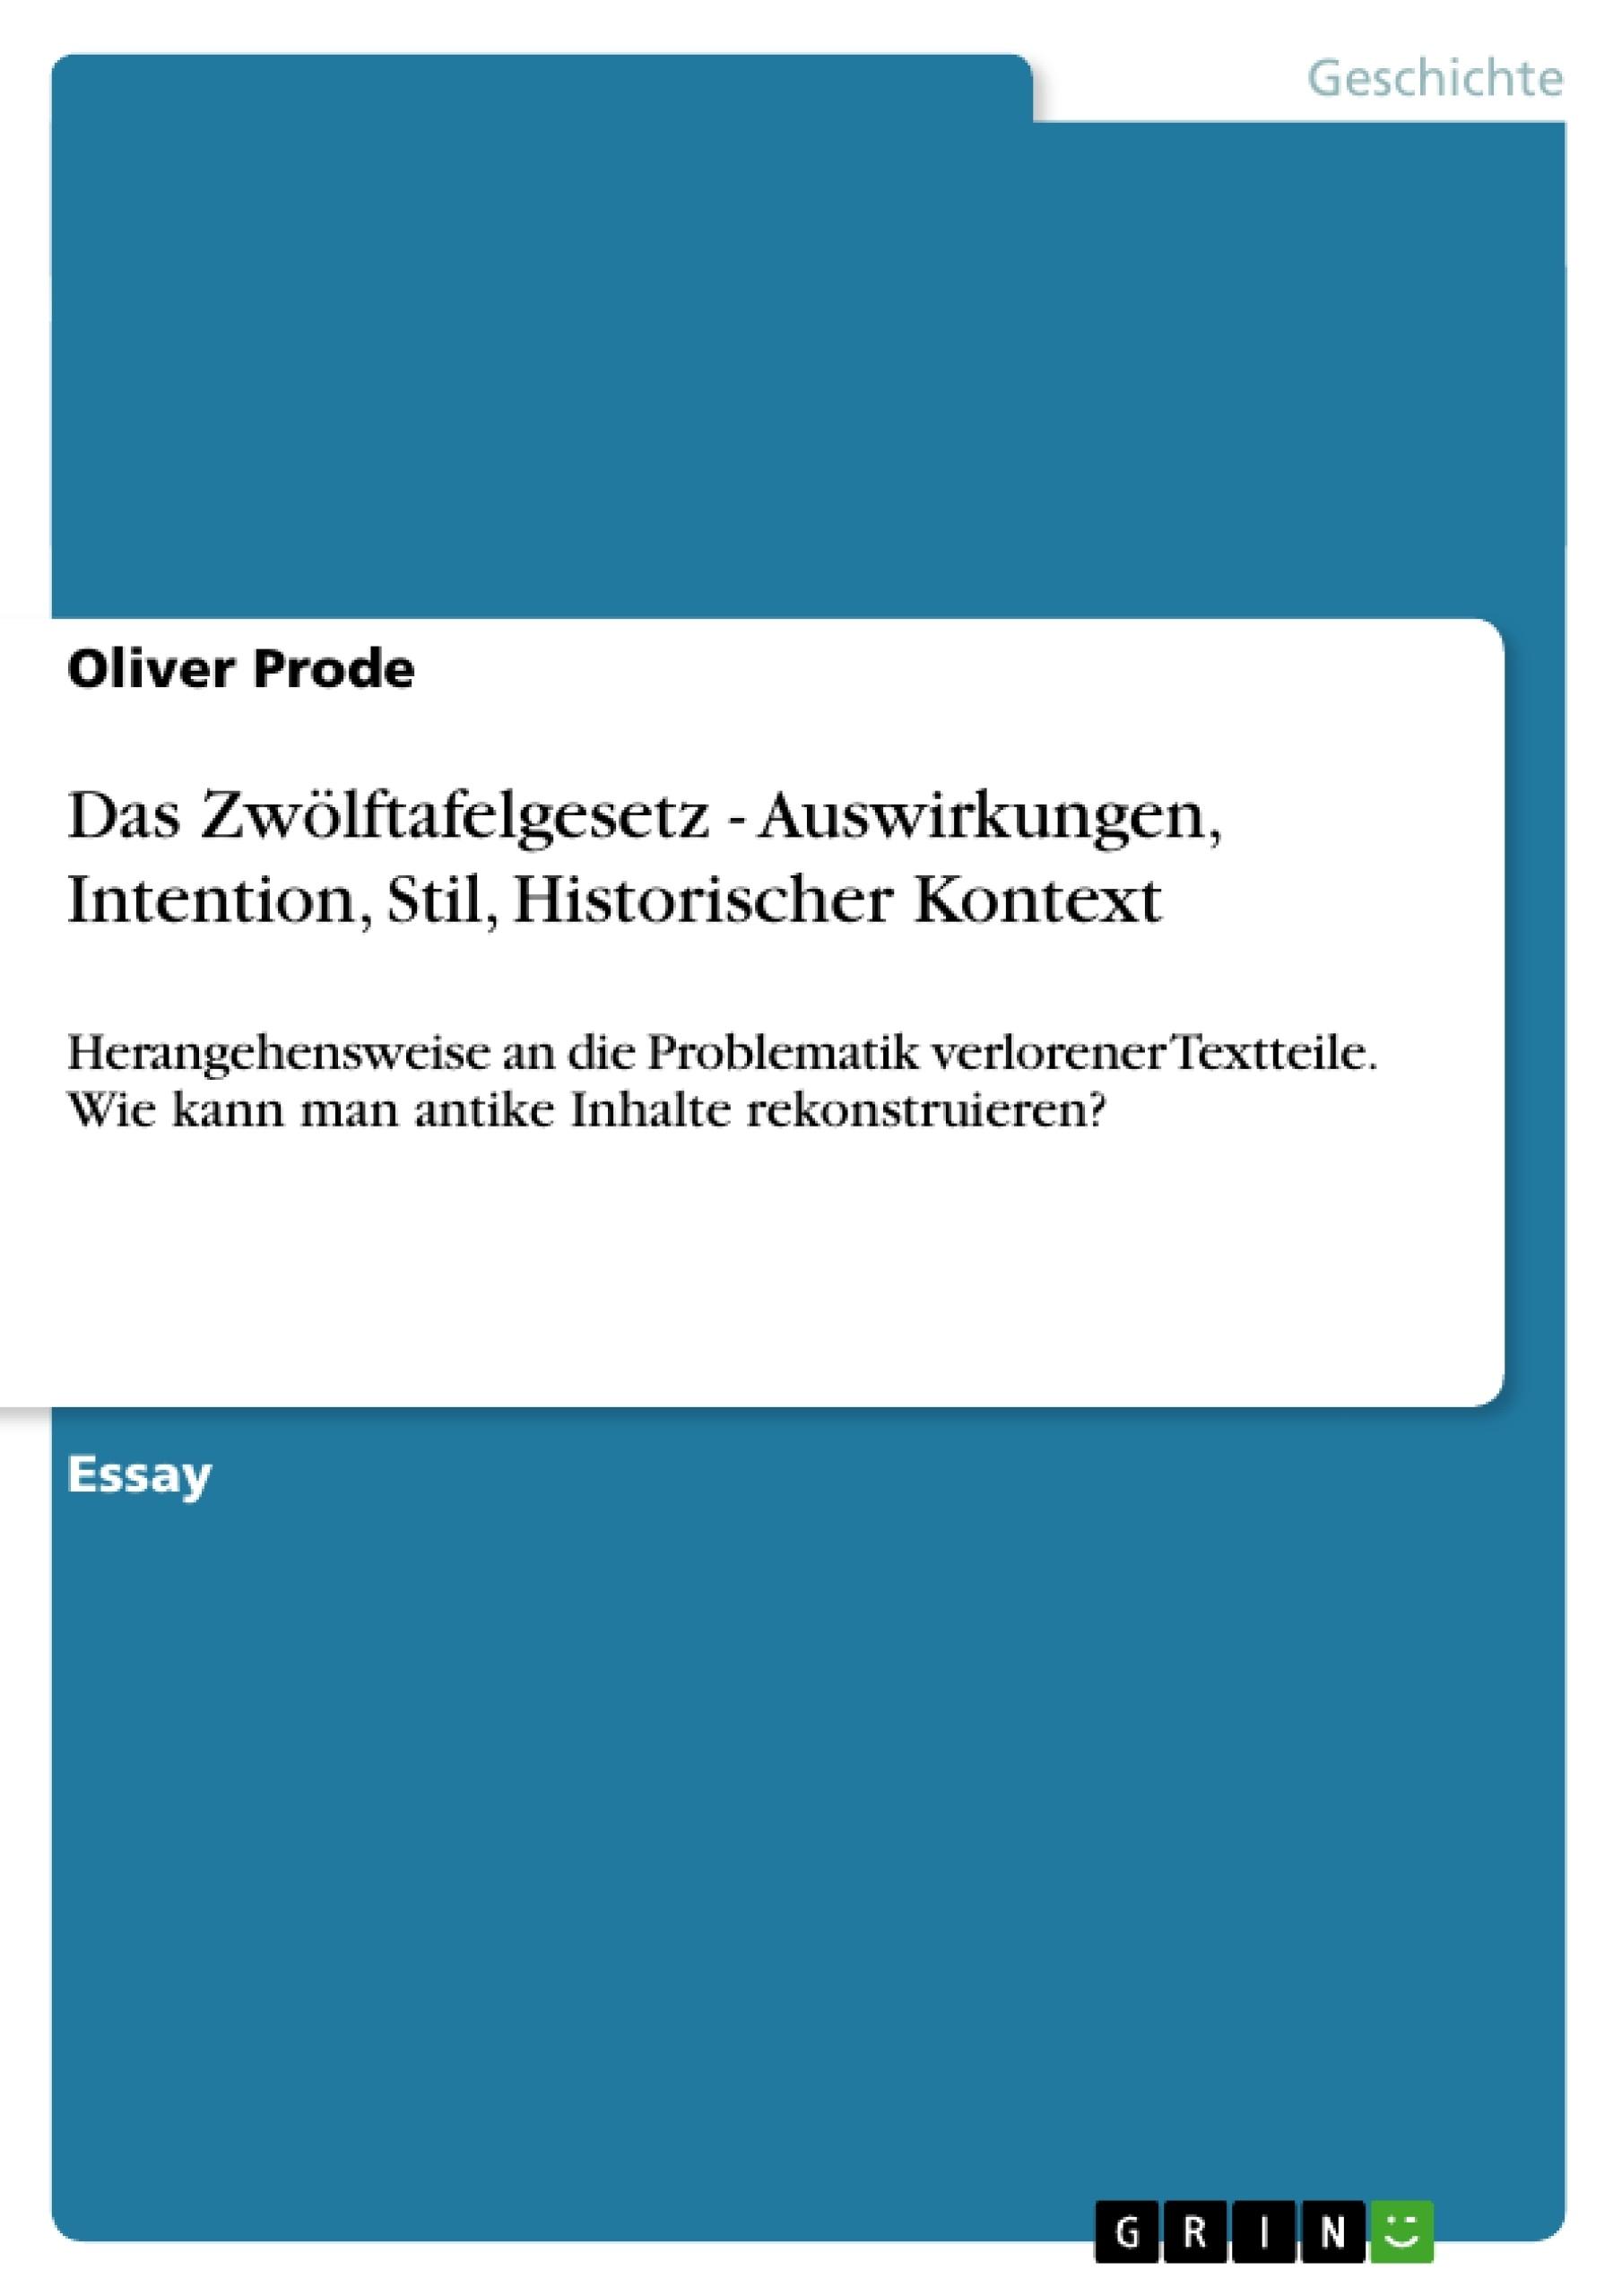 Titel: Das Zwölftafelgesetz - Auswirkungen, Intention, Stil, Historischer Kontext